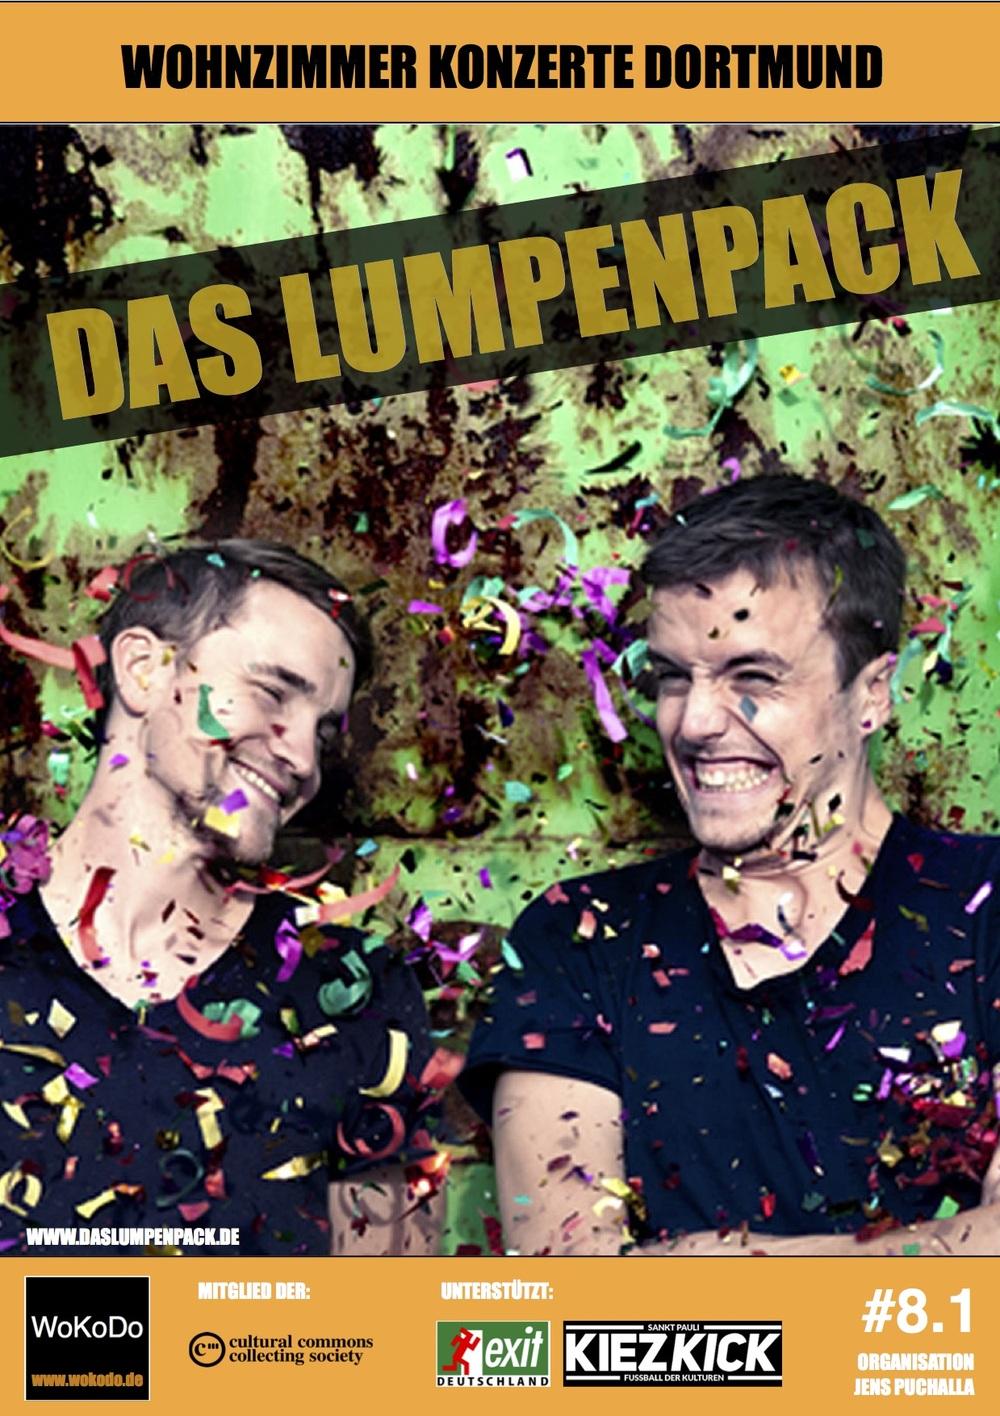 Wohnzimmerkonzert 81 Wohnzimmer Konzerte Dortmund